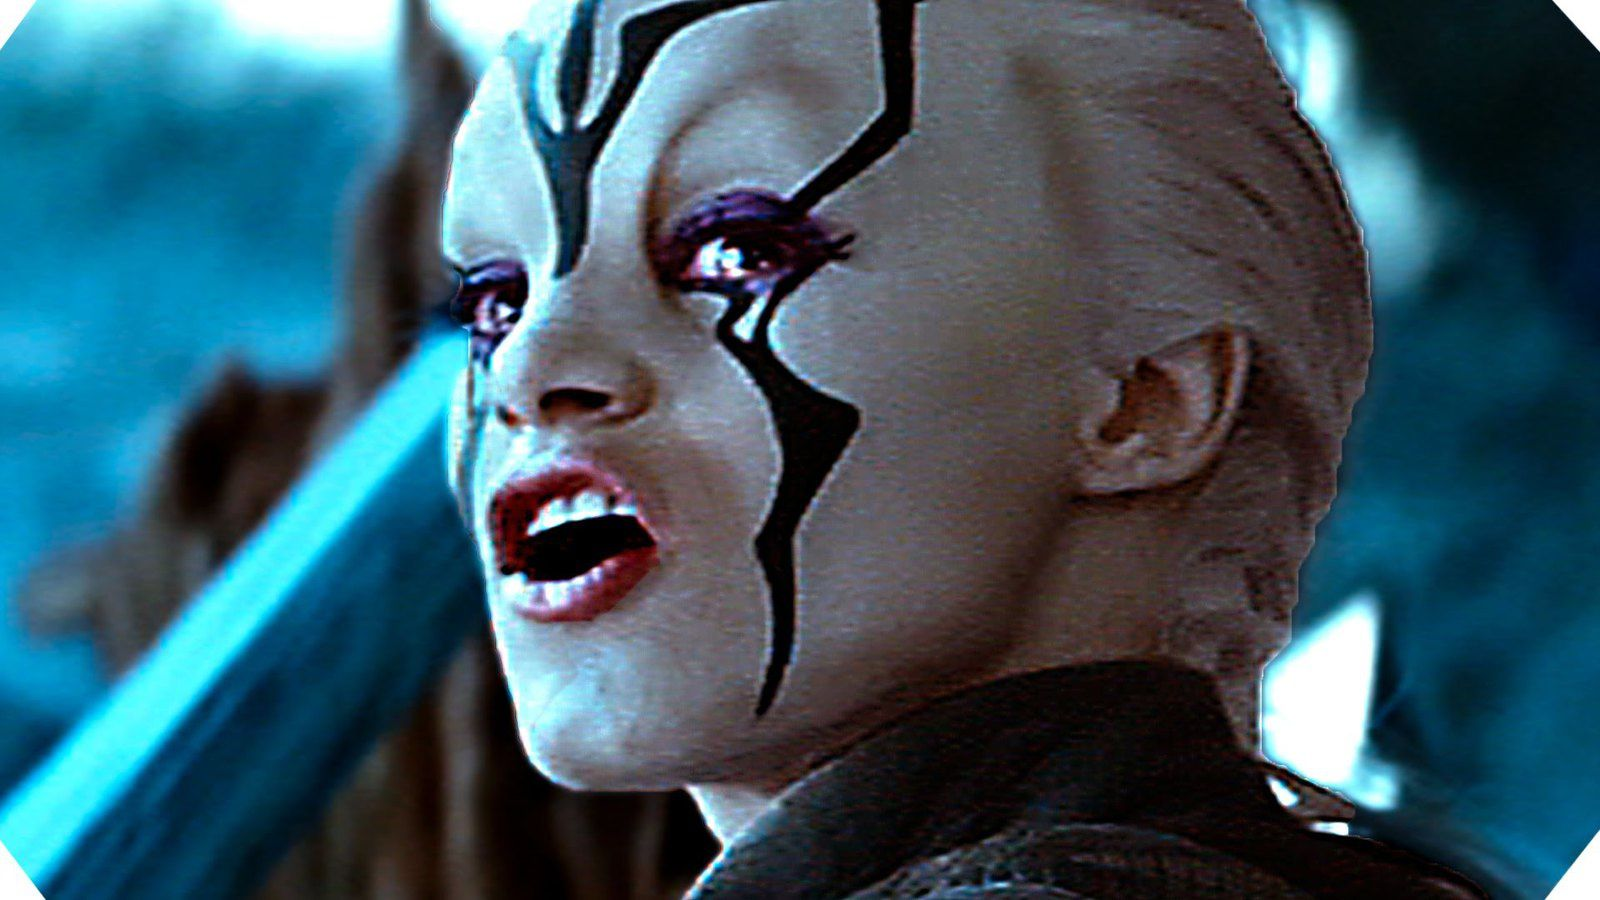 Un nez, une bouche, des yeux et des oreilles, avec une touche de maquillage : effectivement, c'est une extraterrestre. DR.